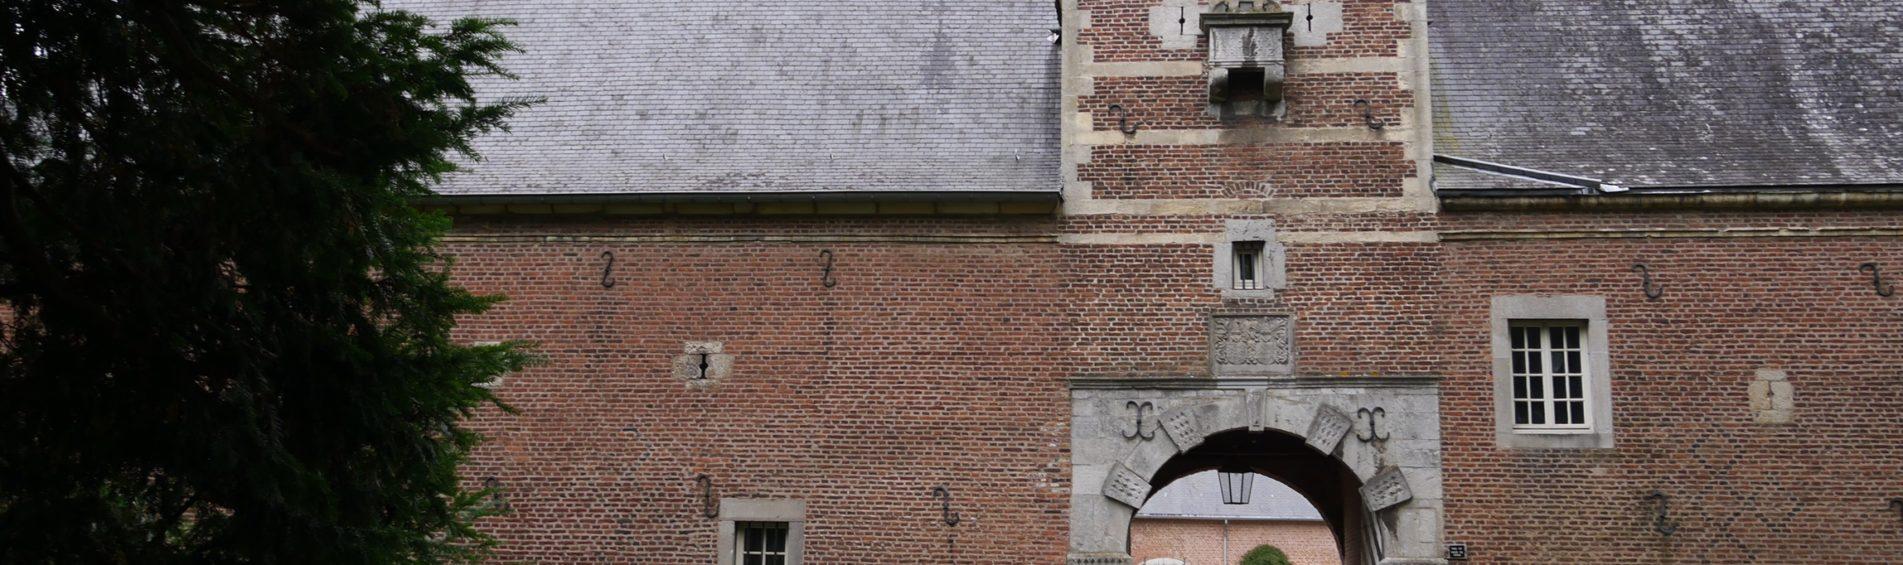 Kastelen en bier: een route door Zuid Limburg